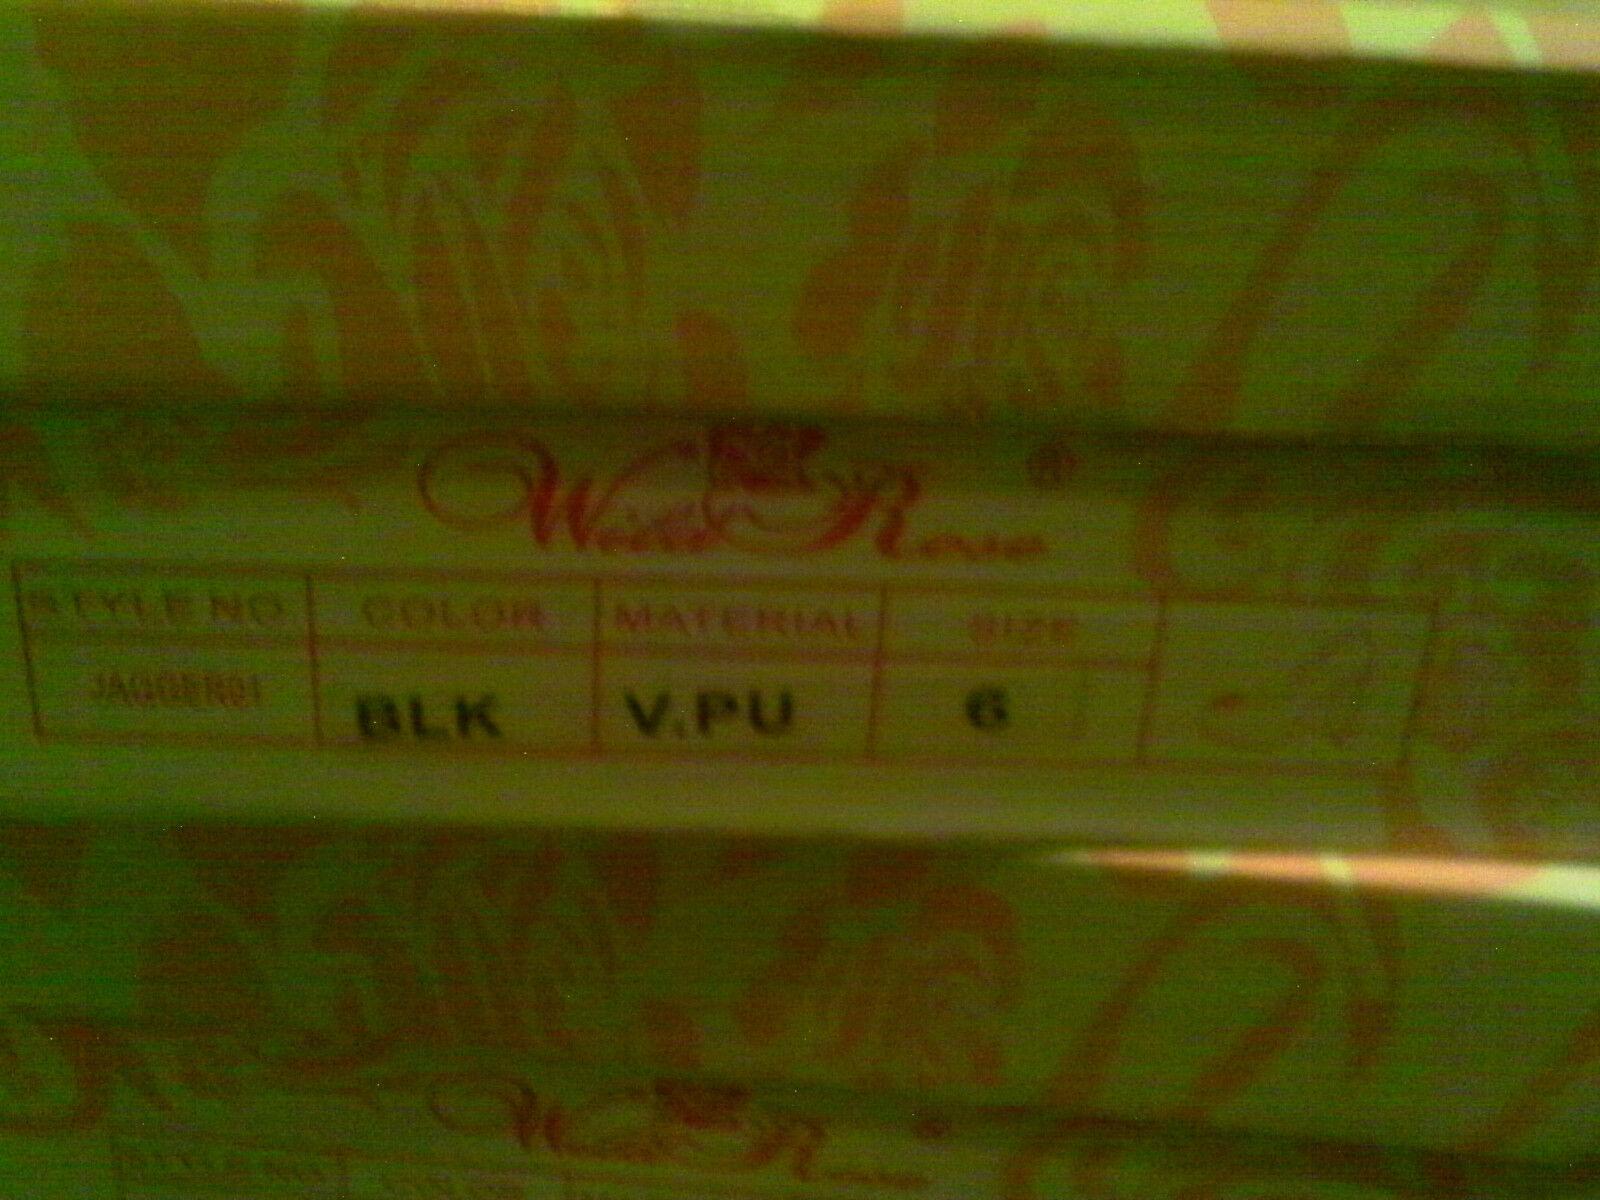 WILD BLING ROSE BLACK SUEDE LOOK GOLD METALIC BLING WILD PUMP 8.5 M PLATFORM 0afe08